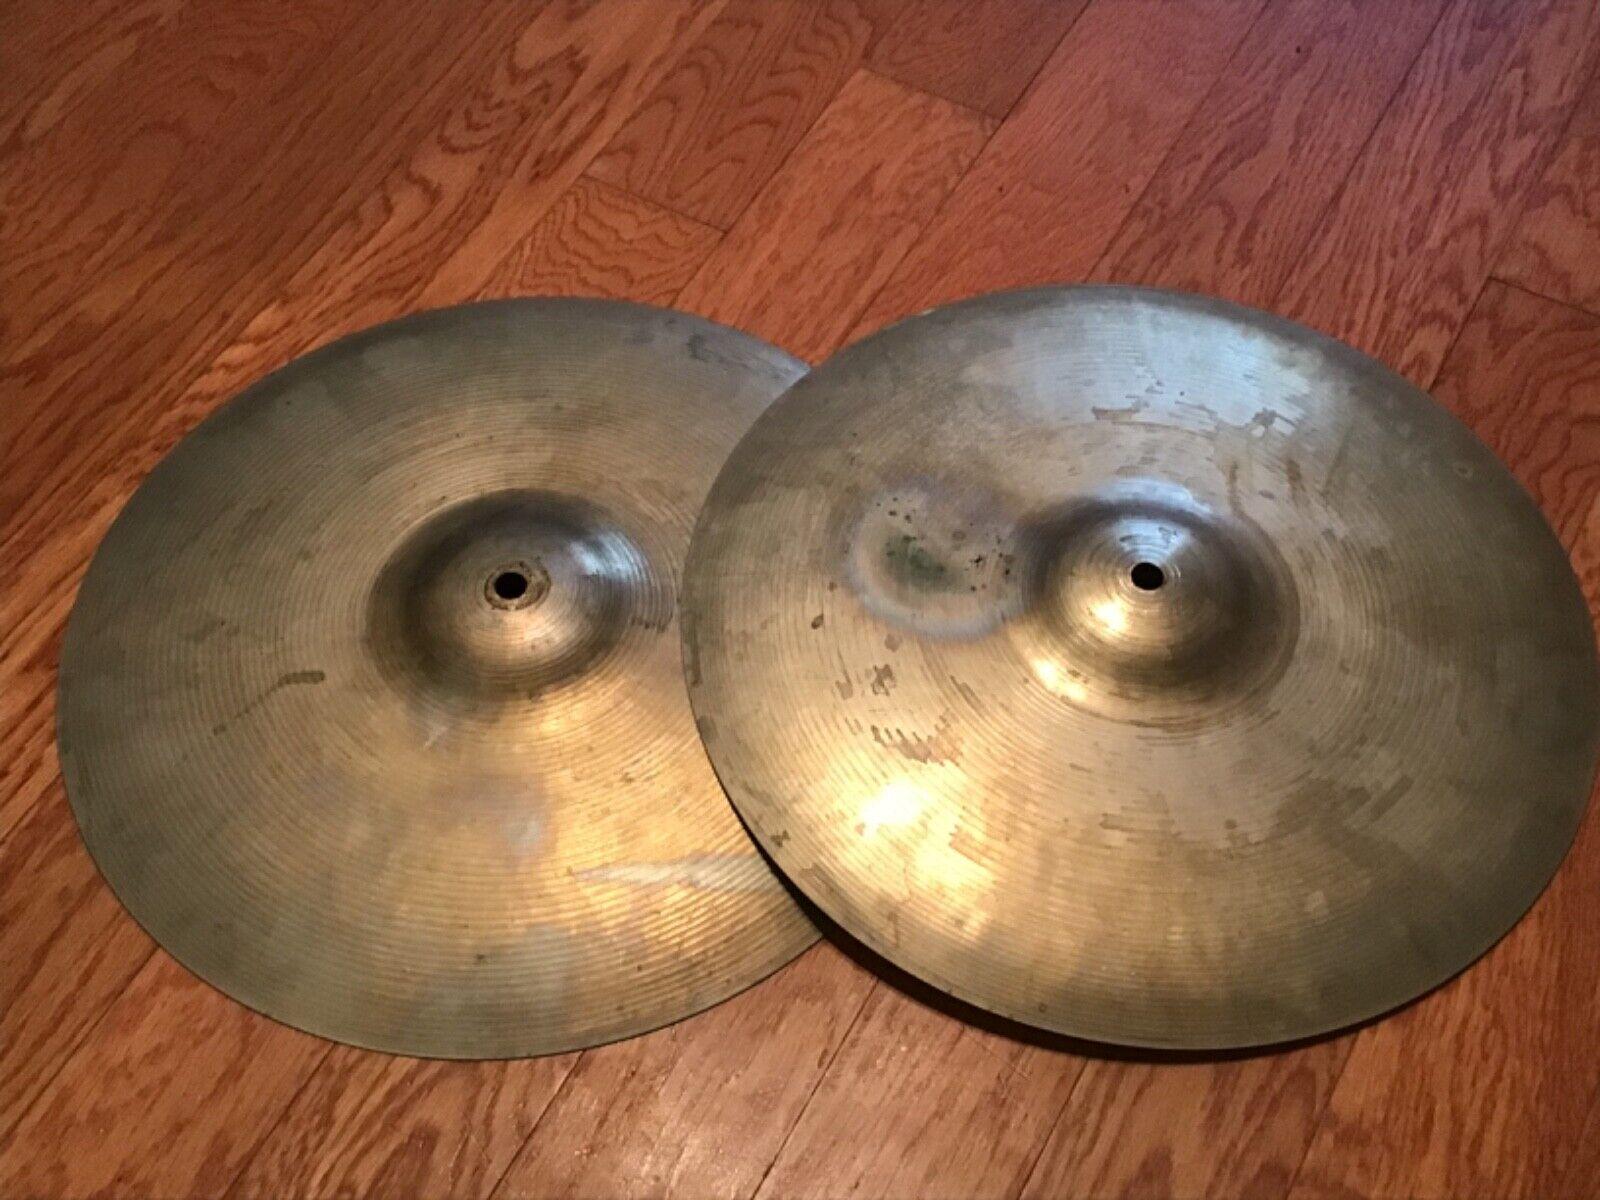 Vintage Ludwig   PAISTE  Standard series 14  Hi-Hat Cymbals